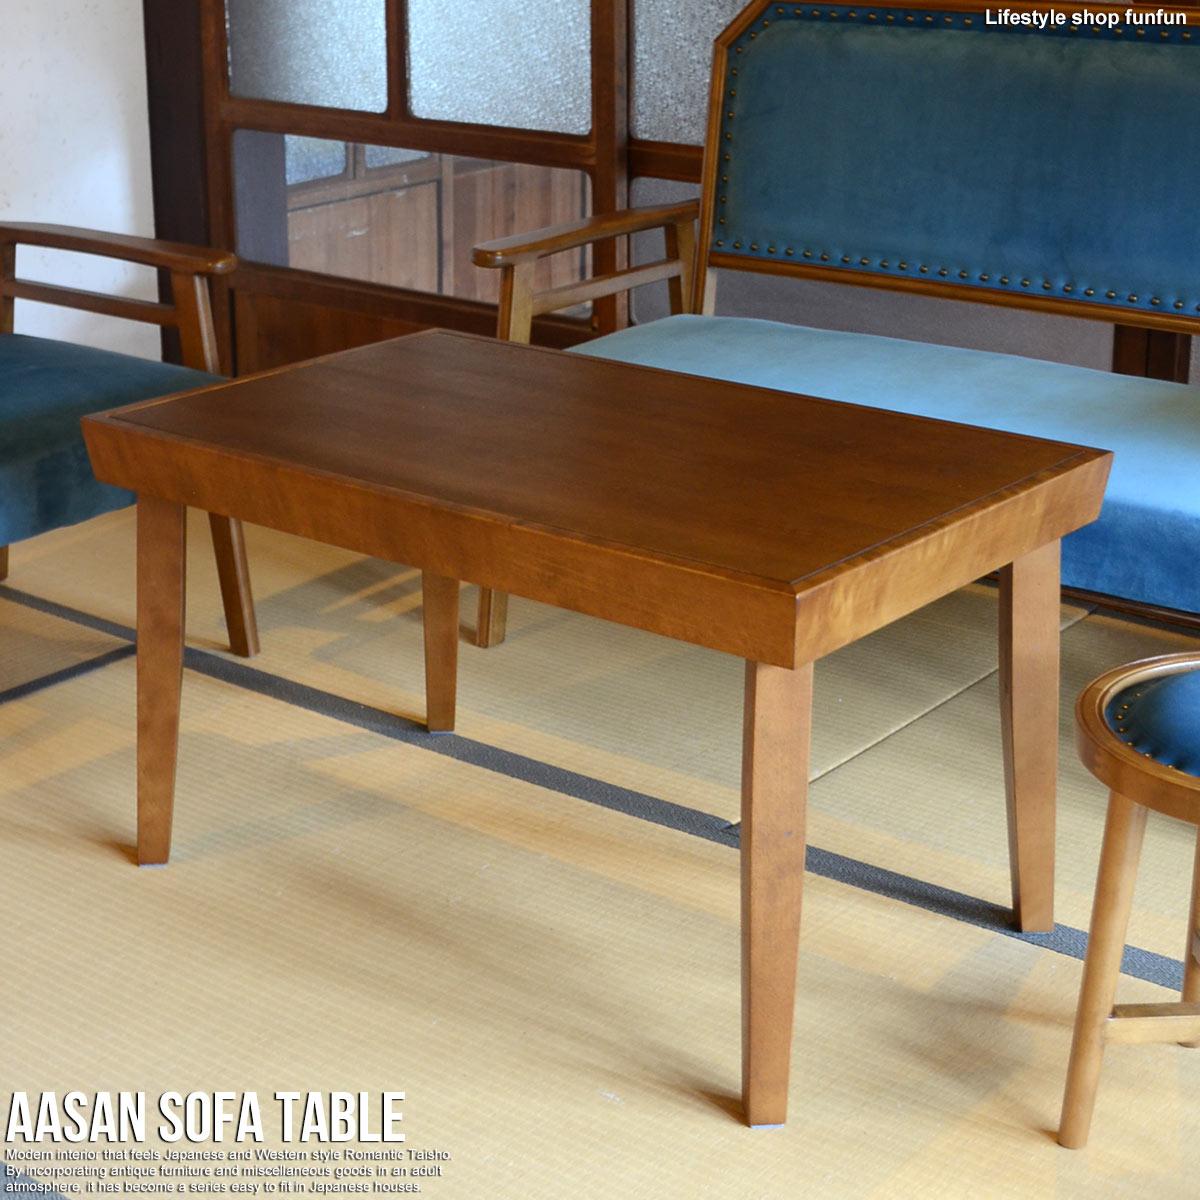 AASAN(アッサン) ソファテーブル 幅90cm リビングテーブル 古民家カフェ 畳部屋 洋室 和室 テーブル アンティーク風